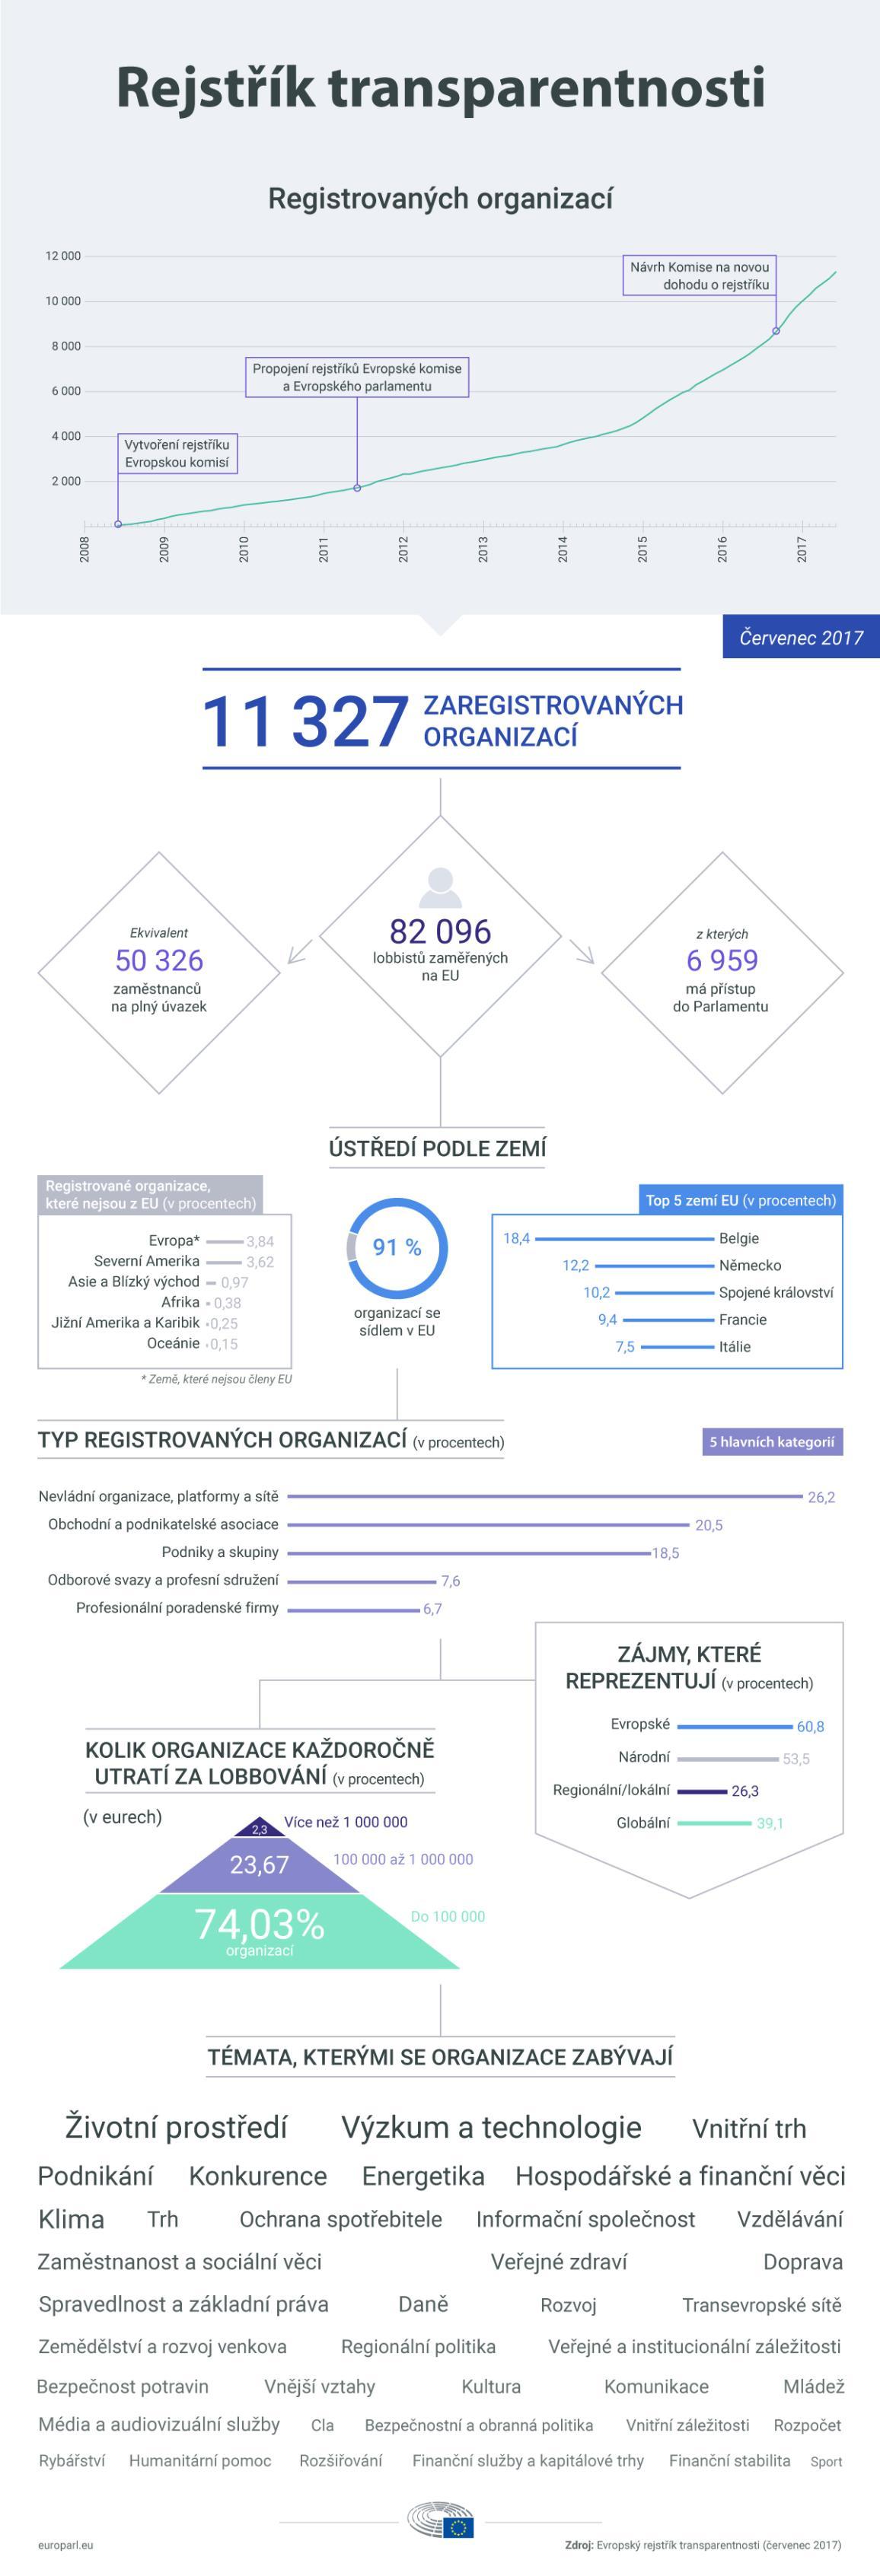 Infografika ilustrující rejstřík transparentnosti